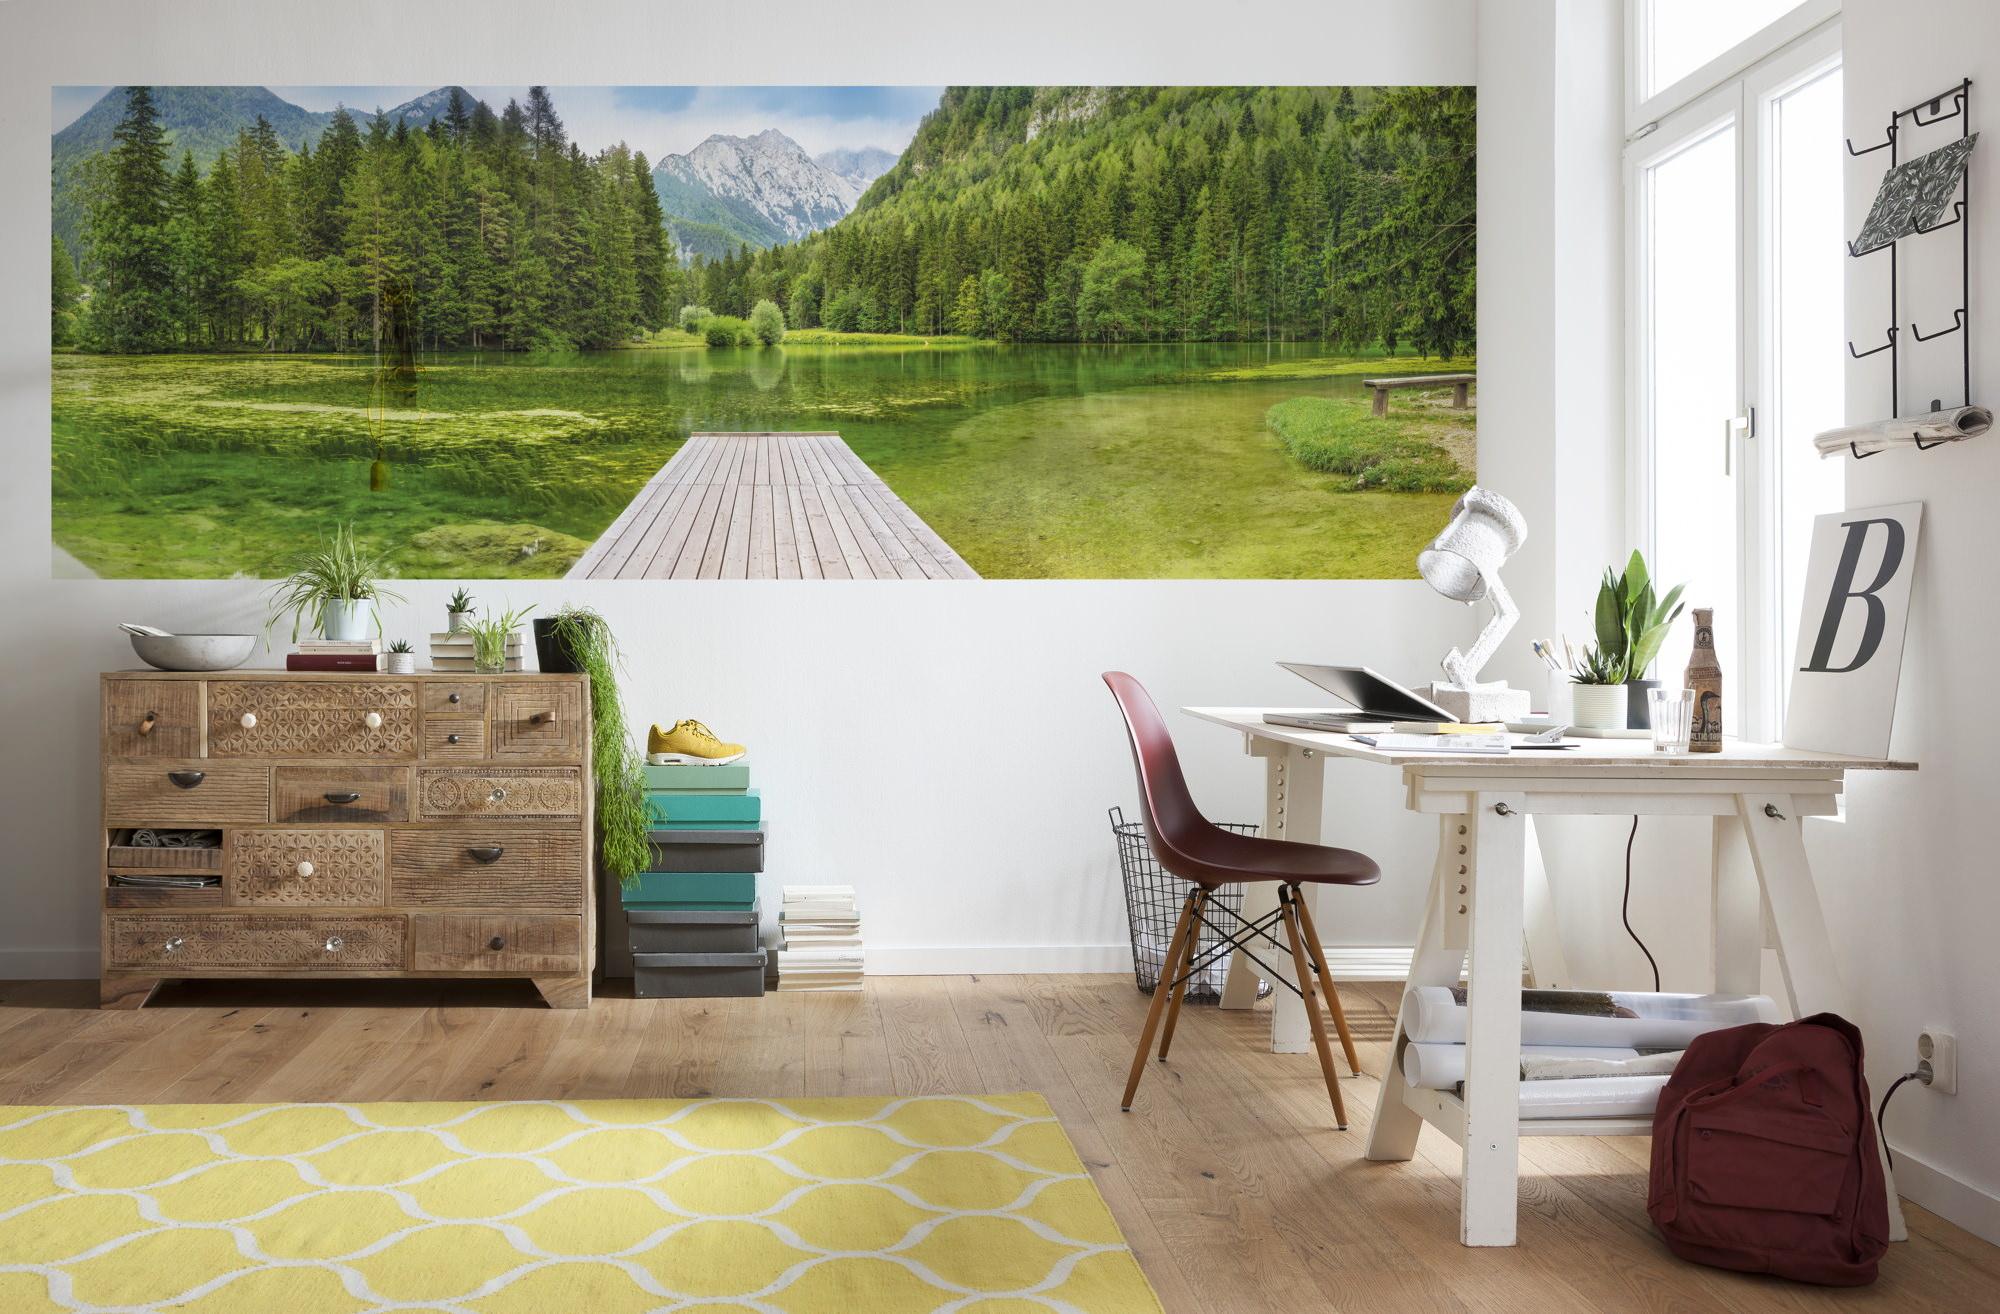 fototapete green lake sunnywall online shop. Black Bedroom Furniture Sets. Home Design Ideas